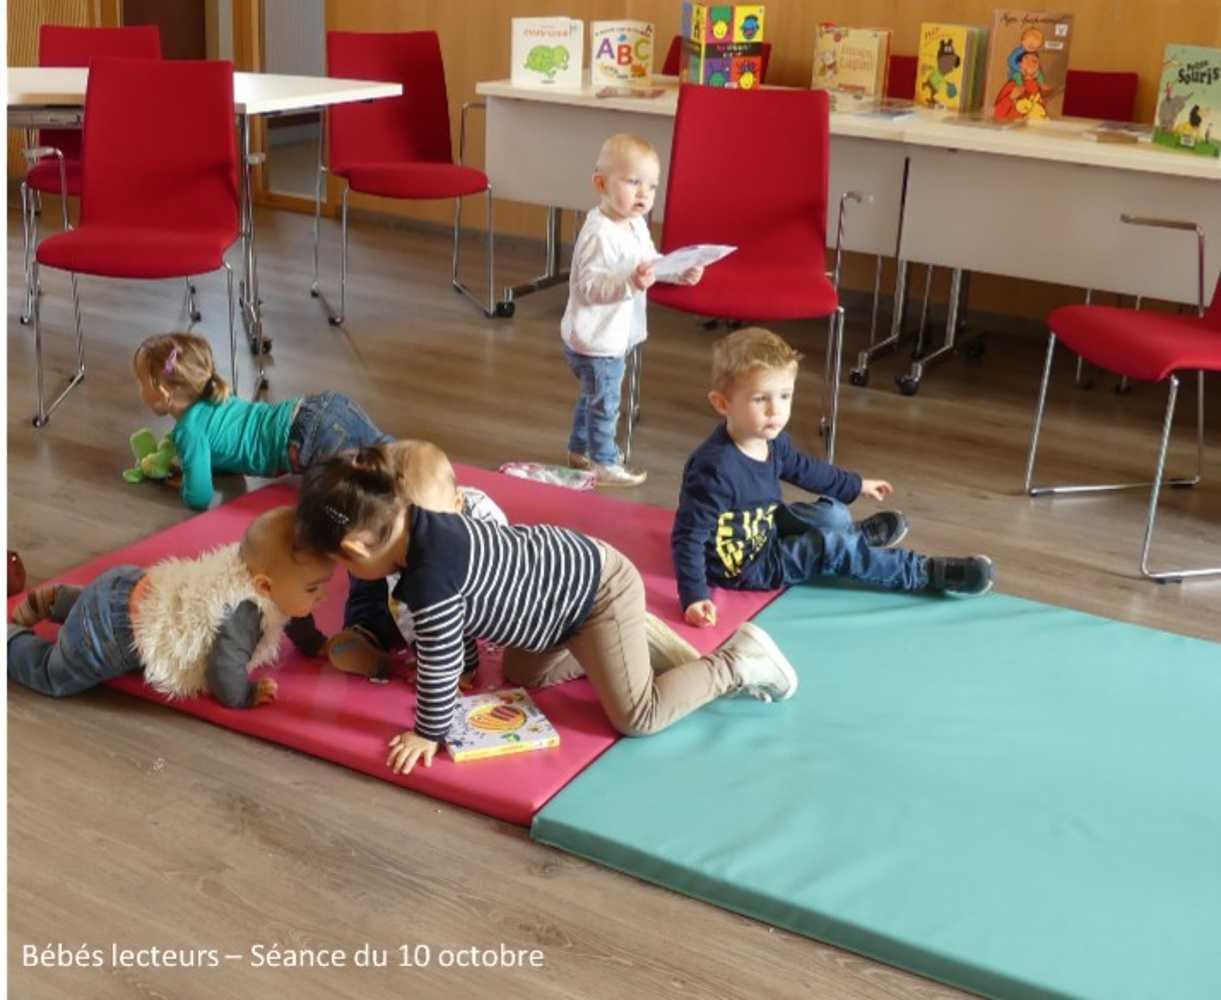 Bébés lecteurs : photos de la séance du jeudi 10 octobre image8